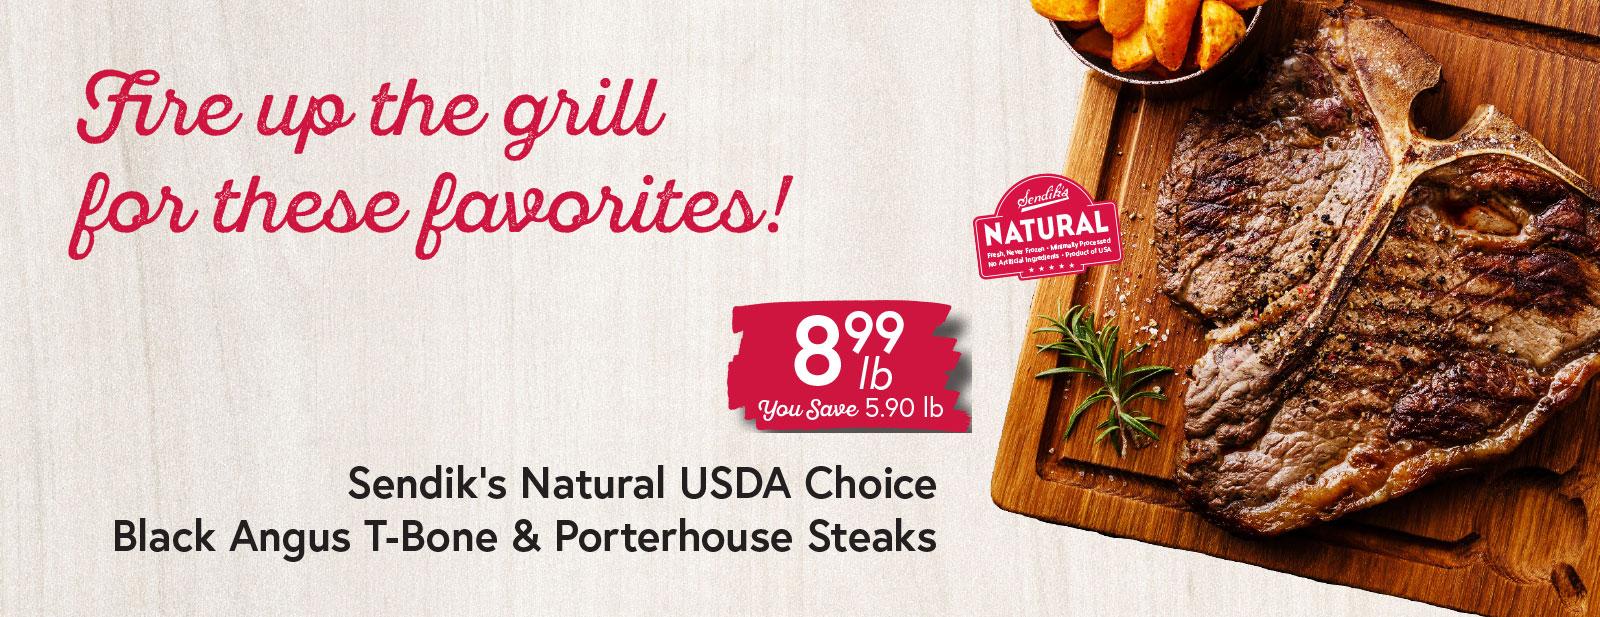 Sendik's Natural USDA Choice Black Angus T-Bone & Porterhouse Steaks